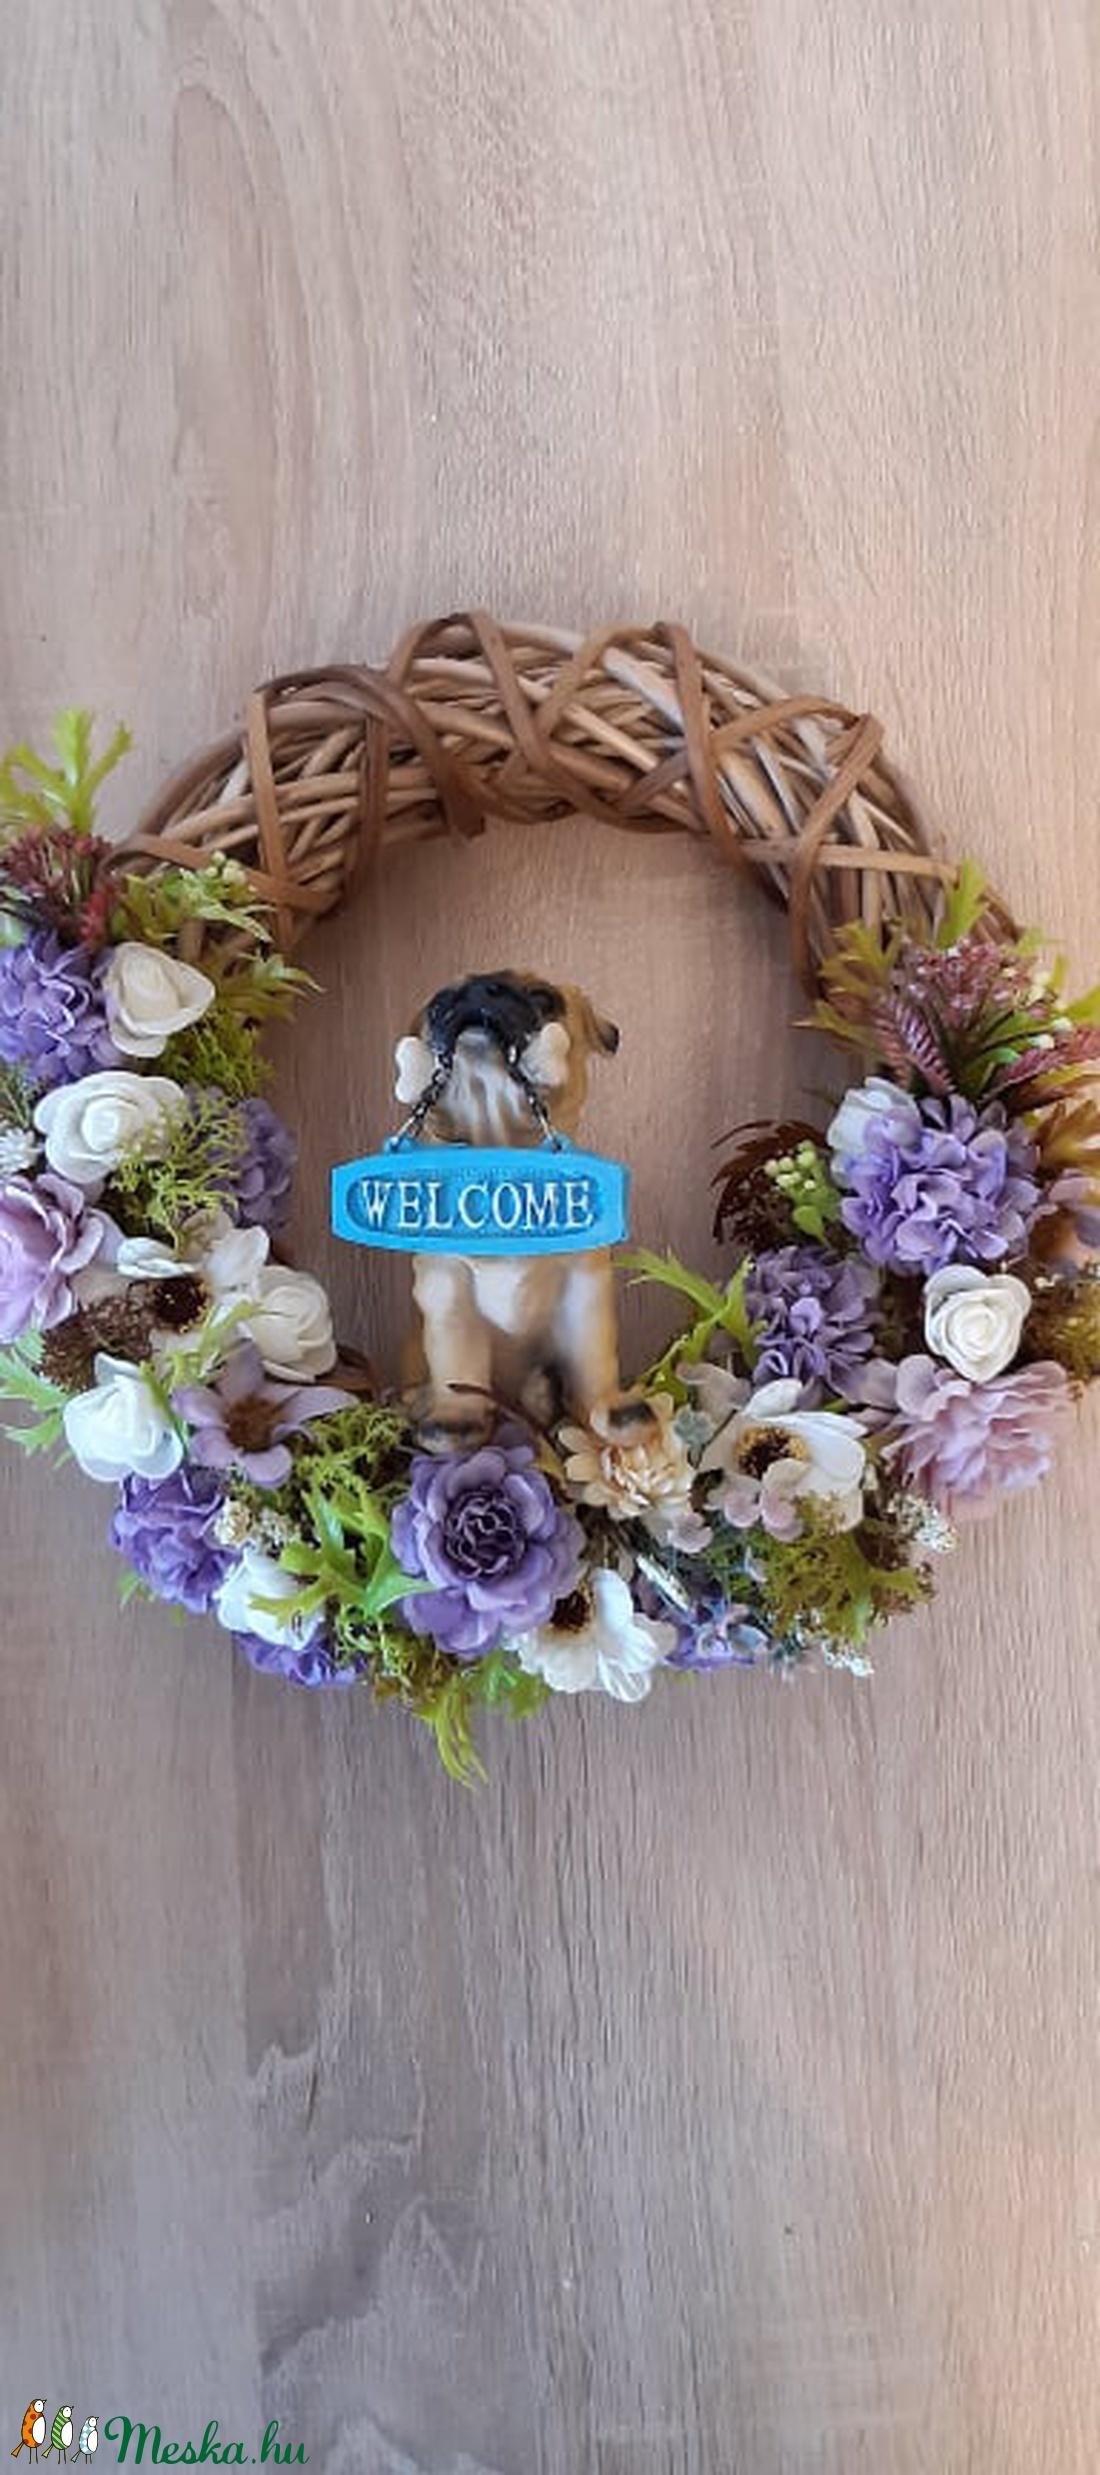 Tavaszi, nyári ajtó kopogtató kutyussal - otthon & lakás - dekoráció - ajtódísz & kopogtató - Meska.hu